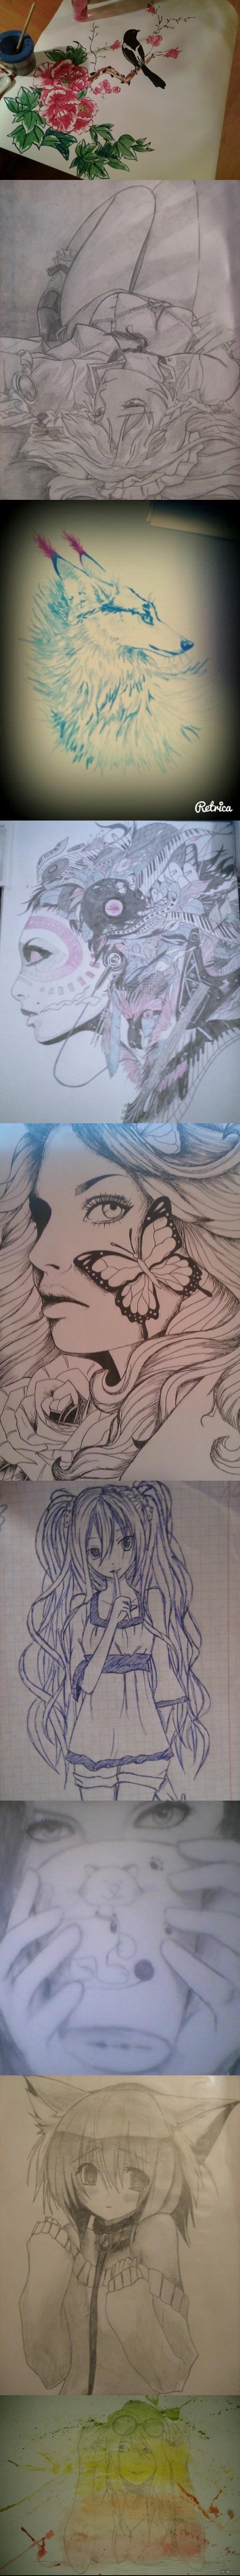 A few drawings